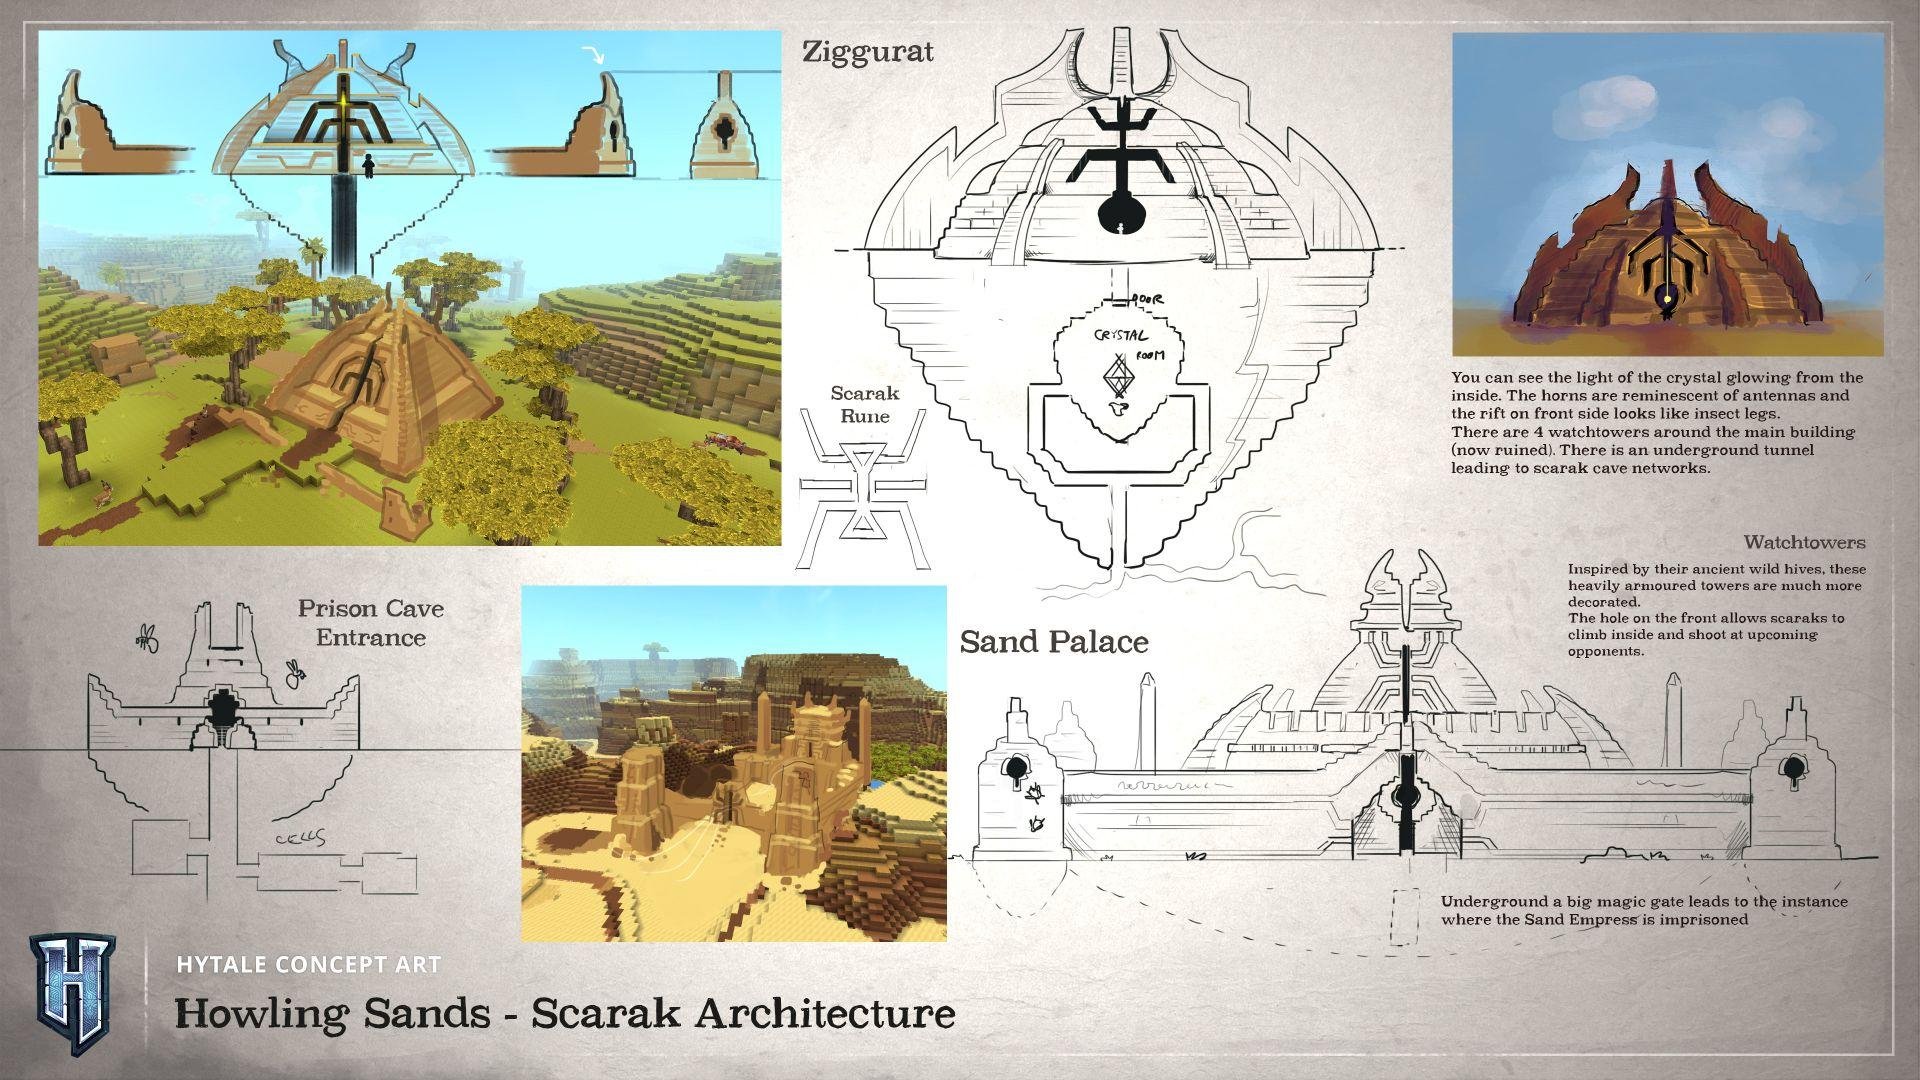 Aperçu de l'architecture des constructions Scarak